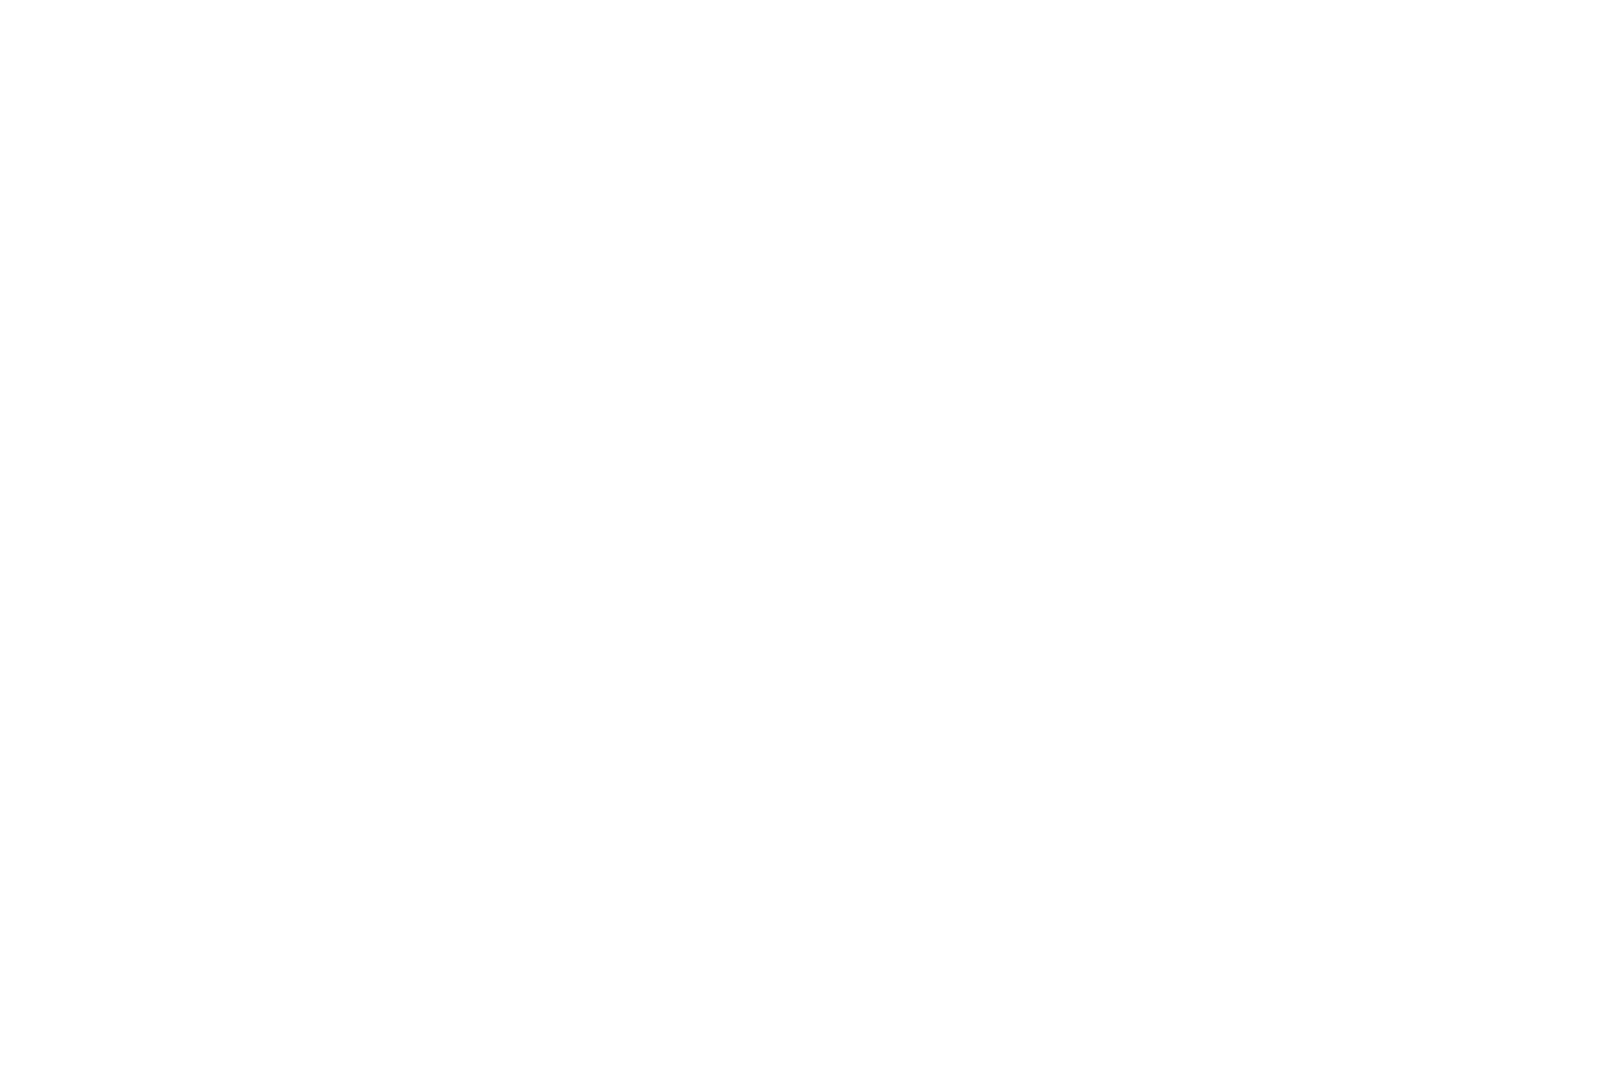 充血監督の深夜の運動会Vol.8 乳首 覗きおまんこ画像 75pic 23